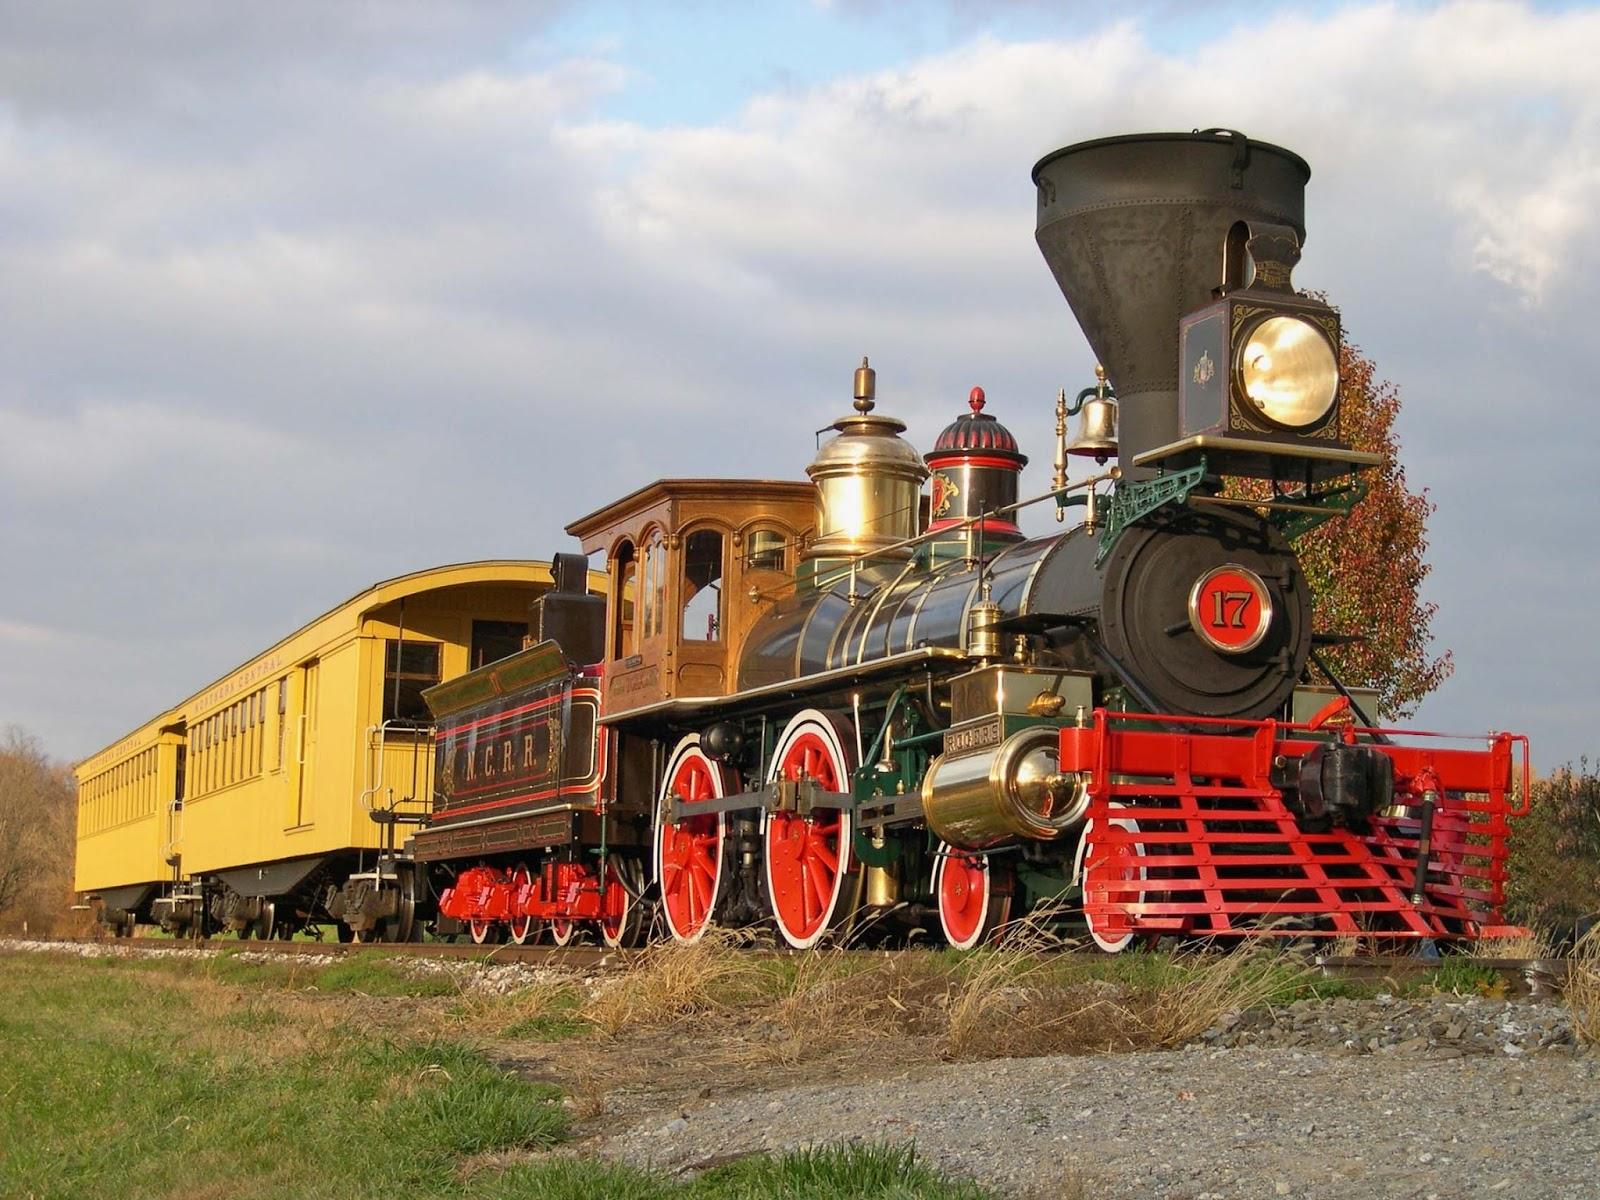 фотографии старых паровозов богатый насыщенный, нем